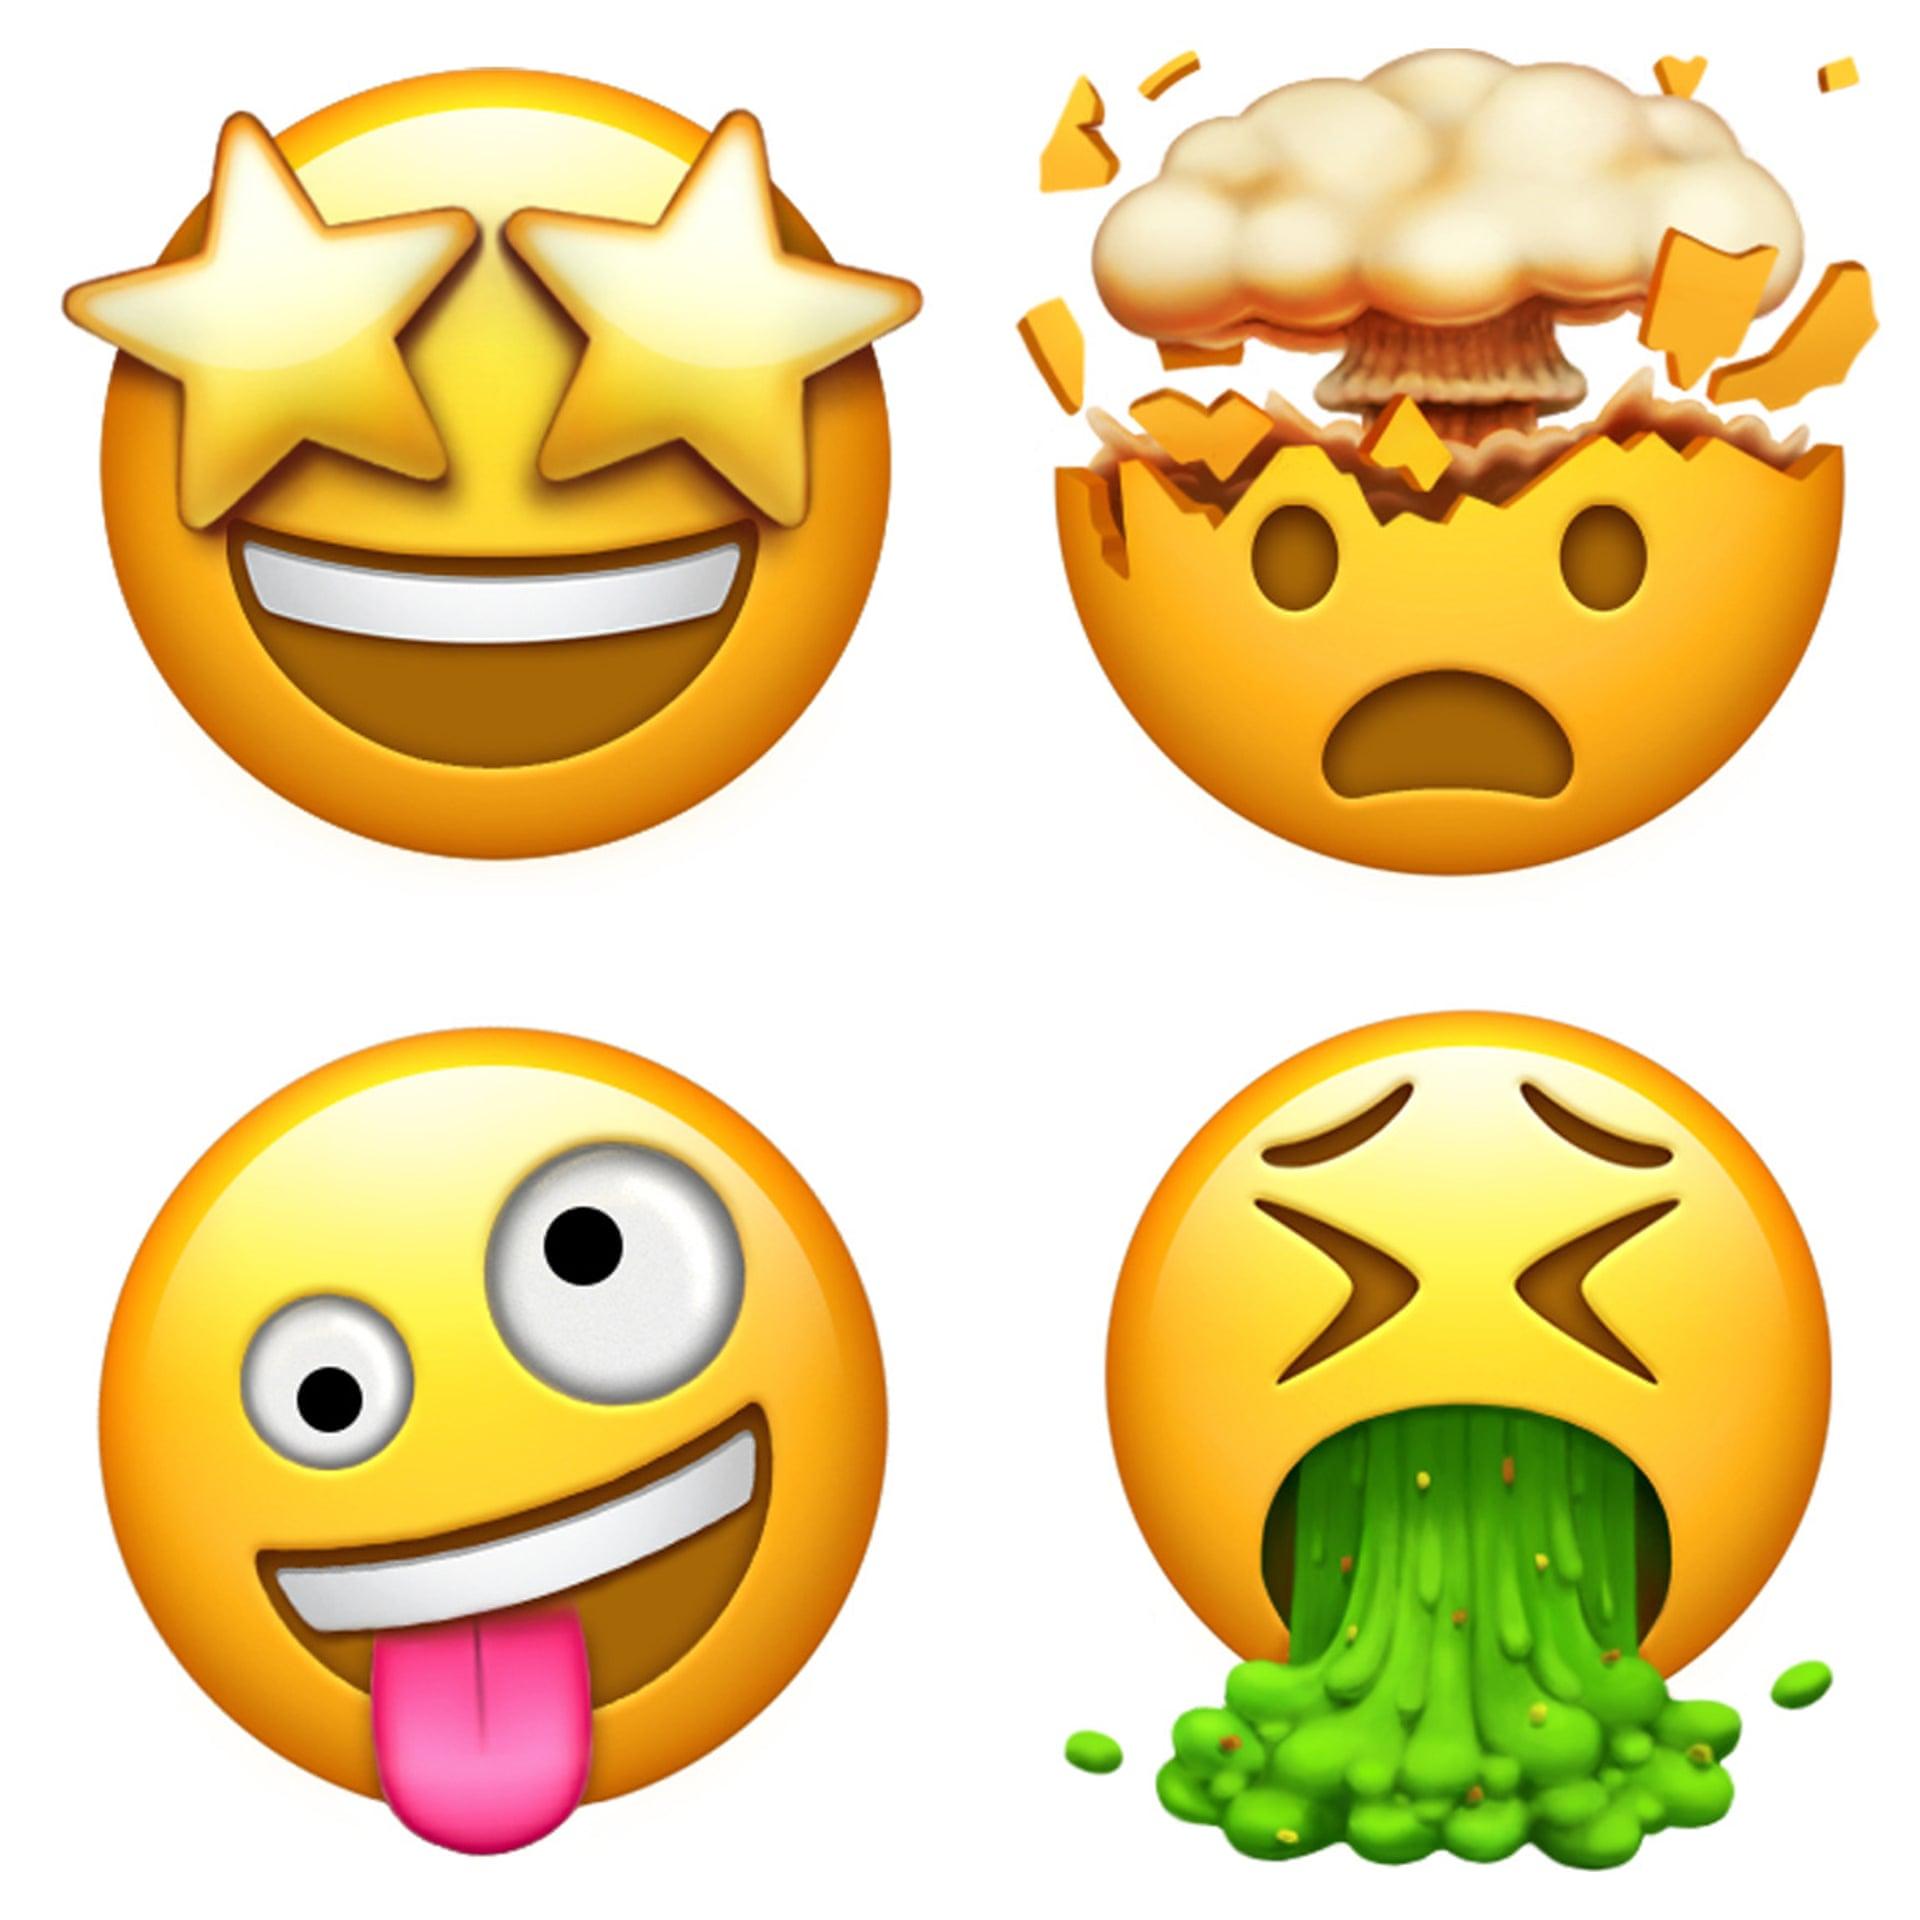 Emoji yang dikeluarkan Apple